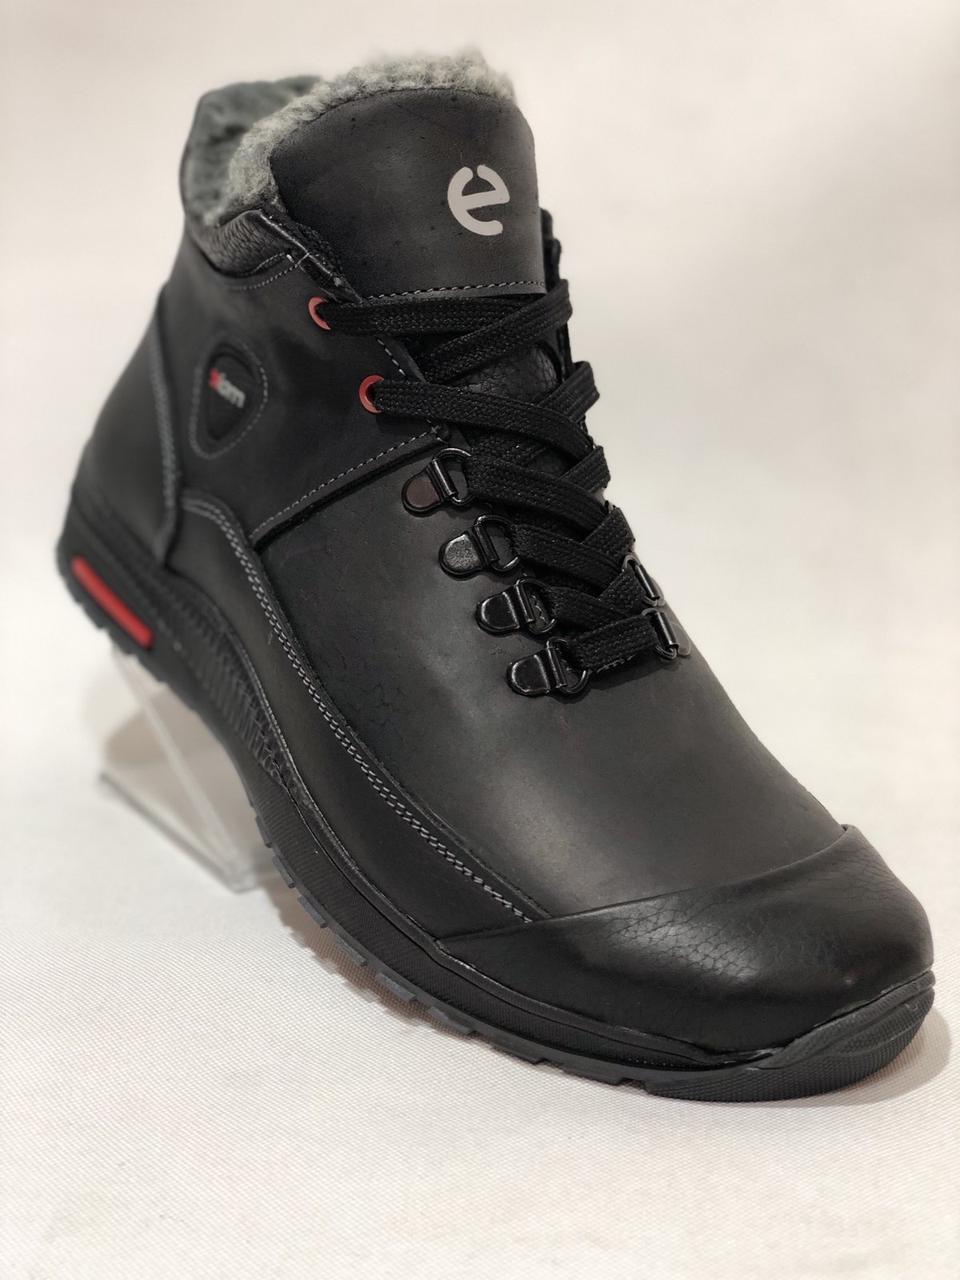 Чоловічі черевики, кросівки р. 41,42,43 шкіряні на хутрі чорні